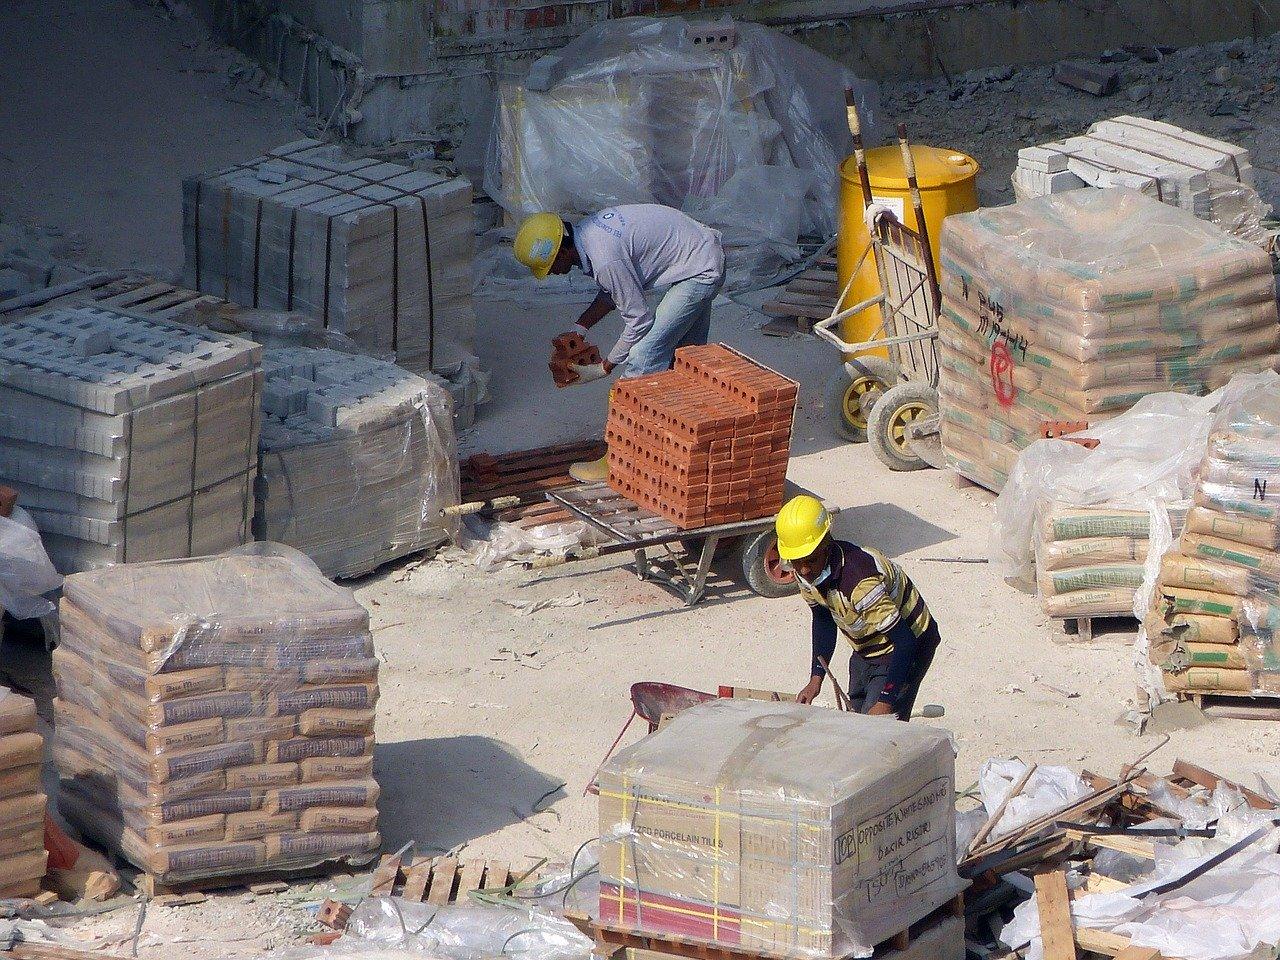 +2,9 % l'année dernière: les accidents au travail continuent d'augmenter. «La prévention défaillante et la priorité donnée à la rentabilité par certains employeurs ne contribuent pas à enrayer le phénomène», note Libération / Photo : DR